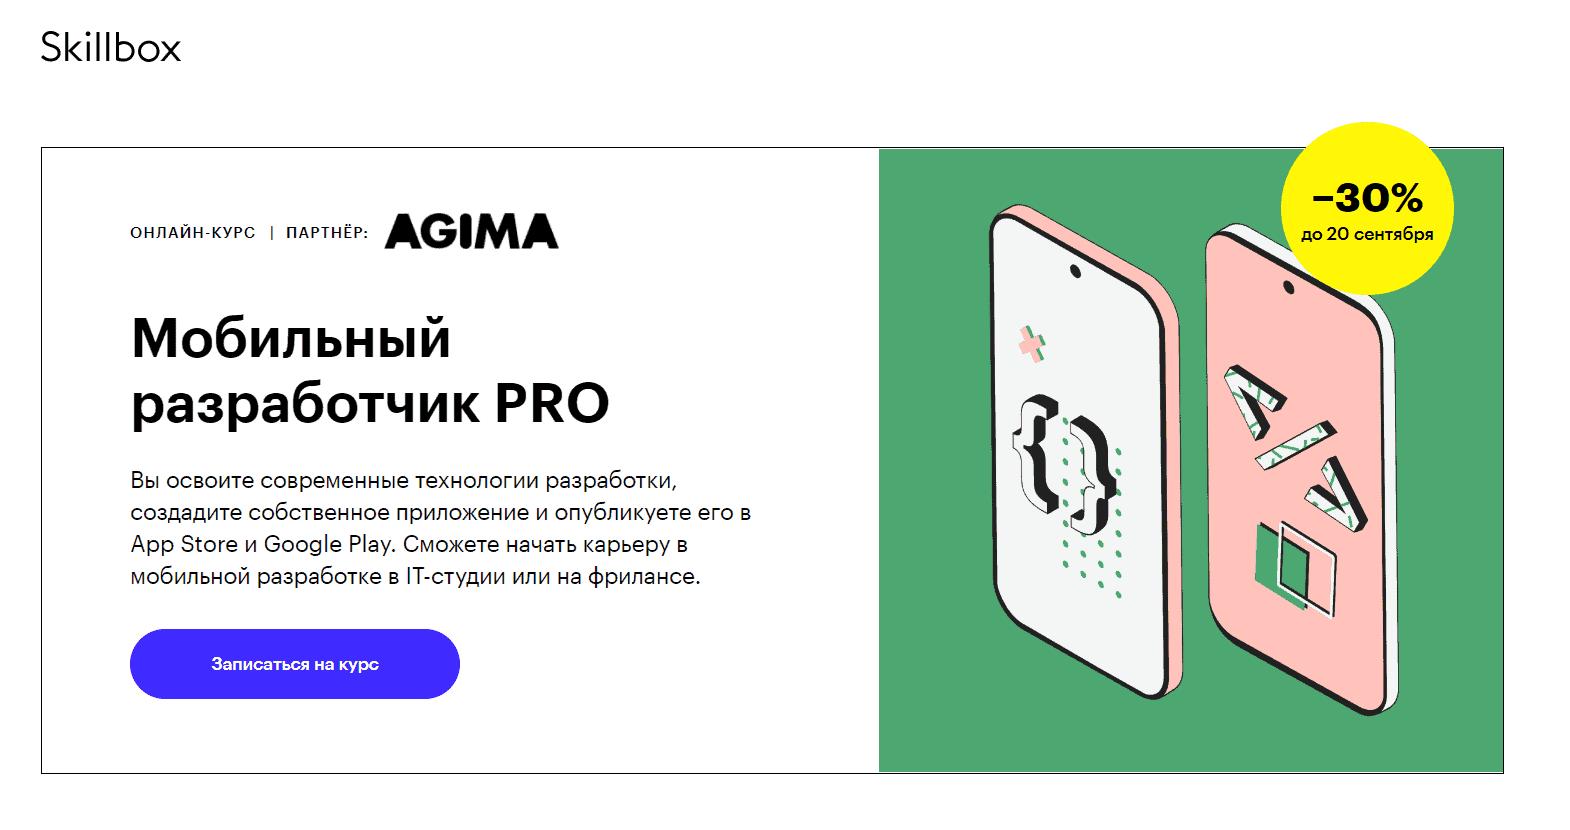 Мобильный разработчик PRO